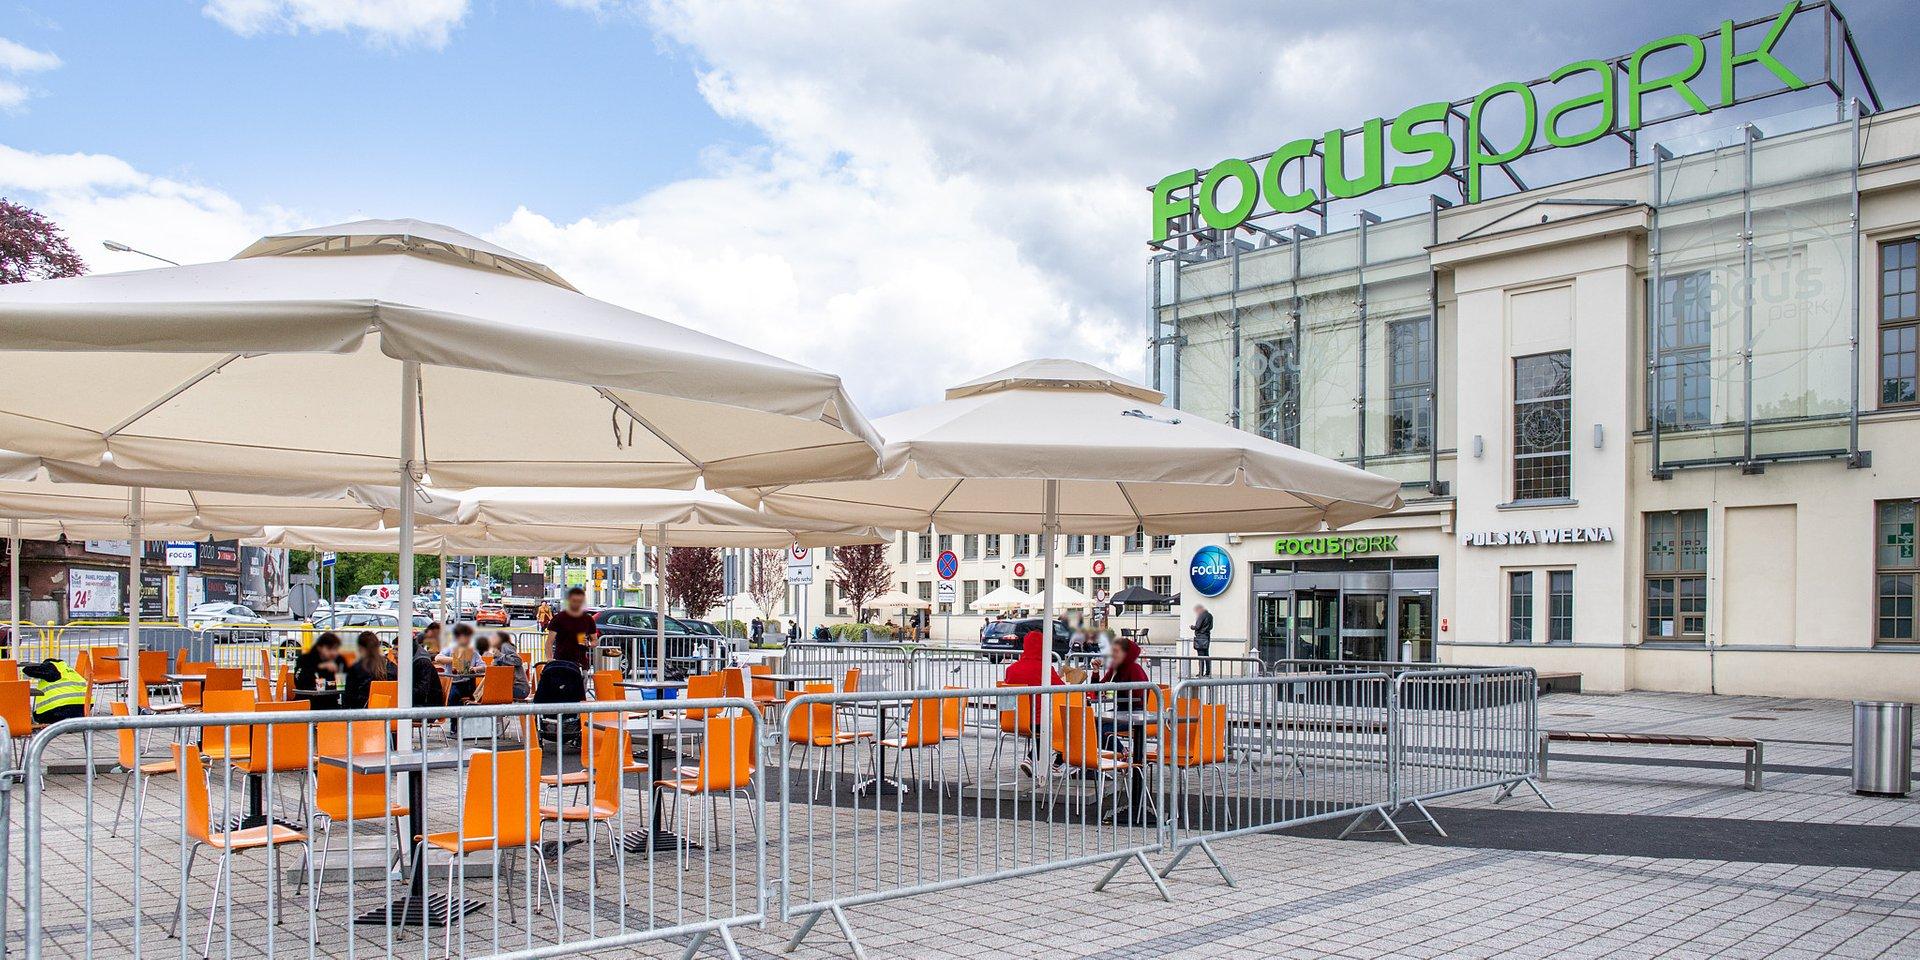 Radość realnych spotkań w ogródku Focus Mall